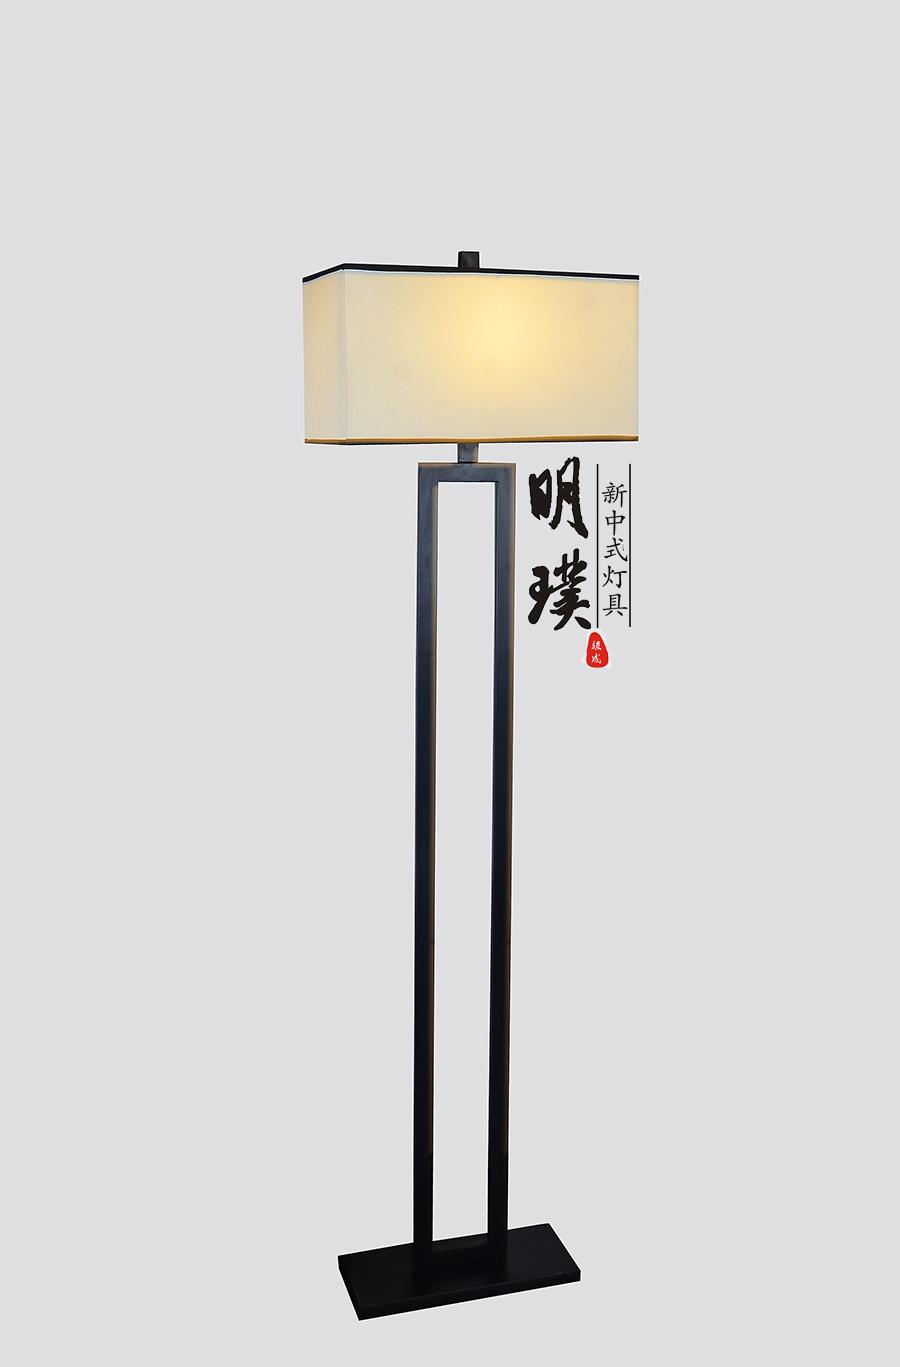 新中式 明璞全铜新中式 新中式卧室落地灯批发厂家